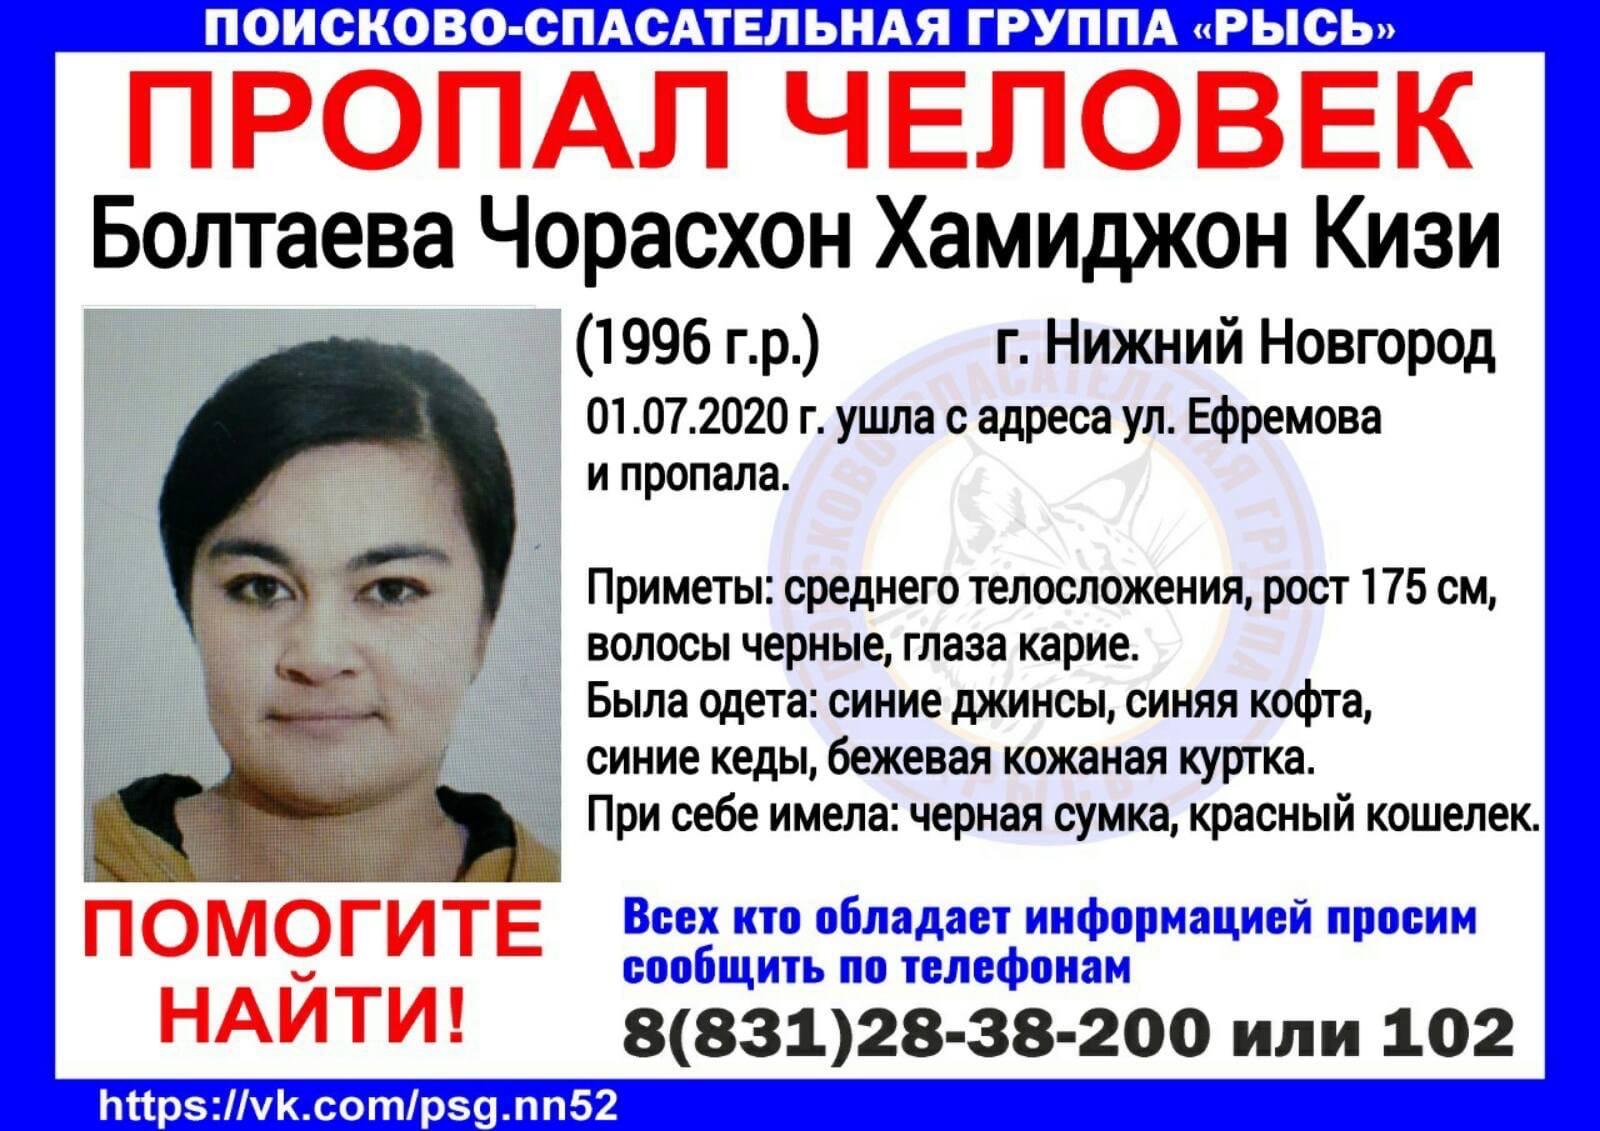 Болтаева Чорахсон Хамиджон Кизи